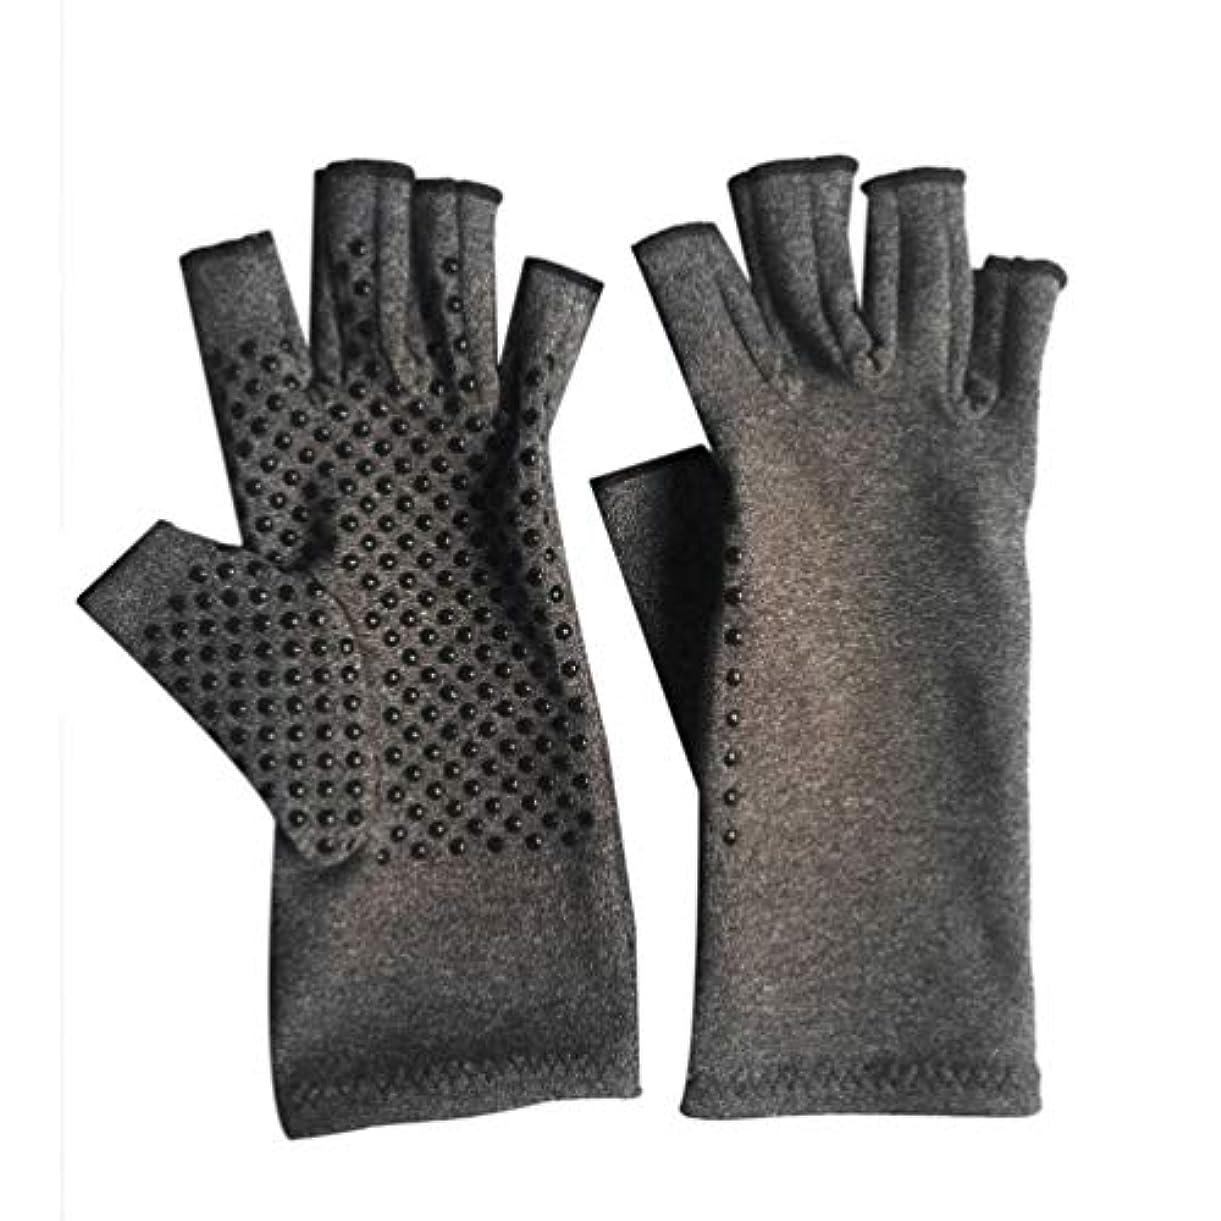 ルーム粗い恐怖症1ペアユニセックス男性女性療法圧縮手袋関節炎関節痛緩和ヘルスケア半指手袋トレーニング手袋 - グレーM